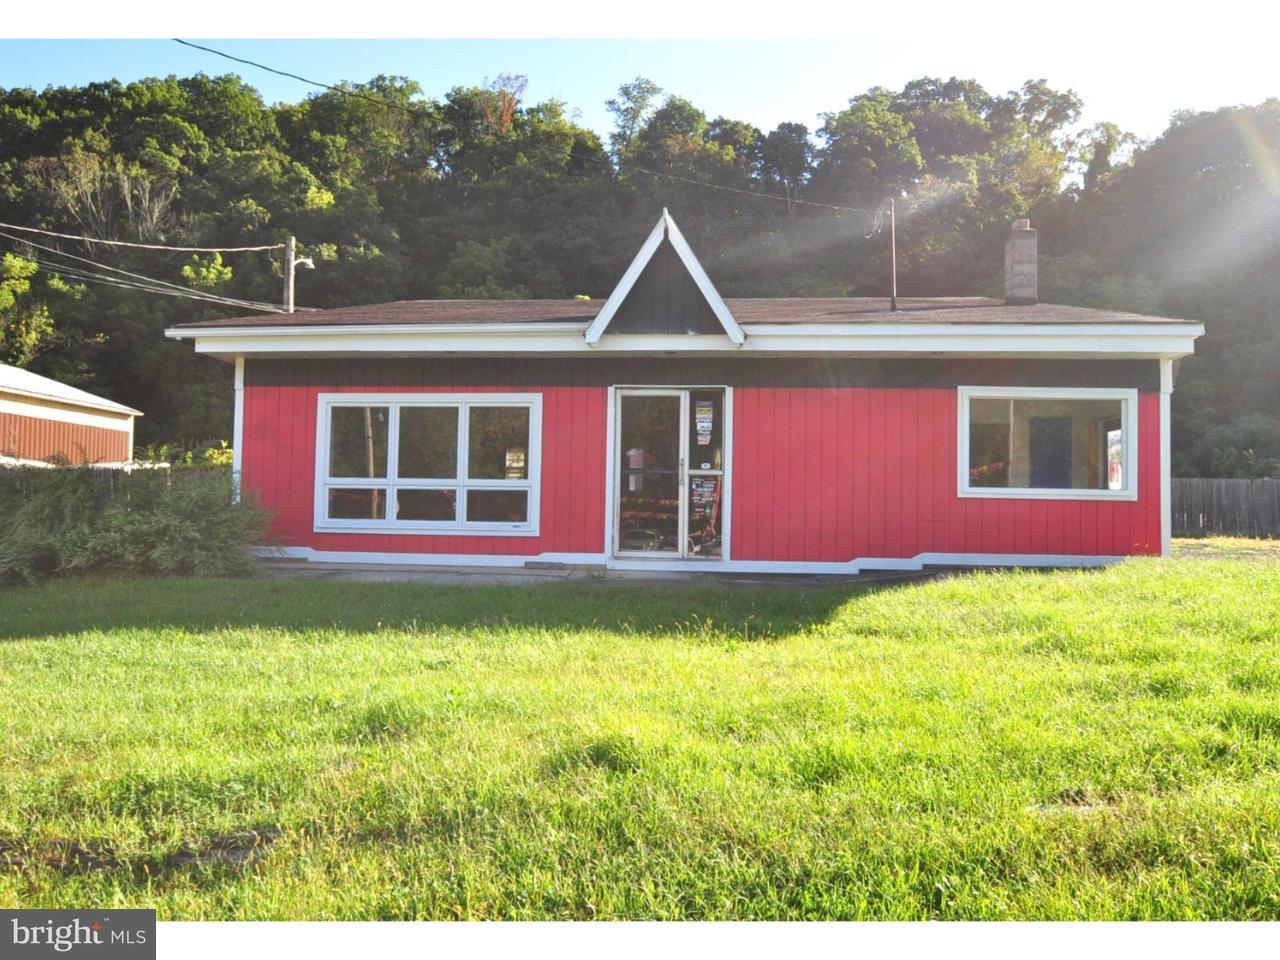 Частный односемейный дом для того Продажа на 264 RIVERVIEW Drive Walnutport, Пенсильвания 18088 Соединенные Штаты